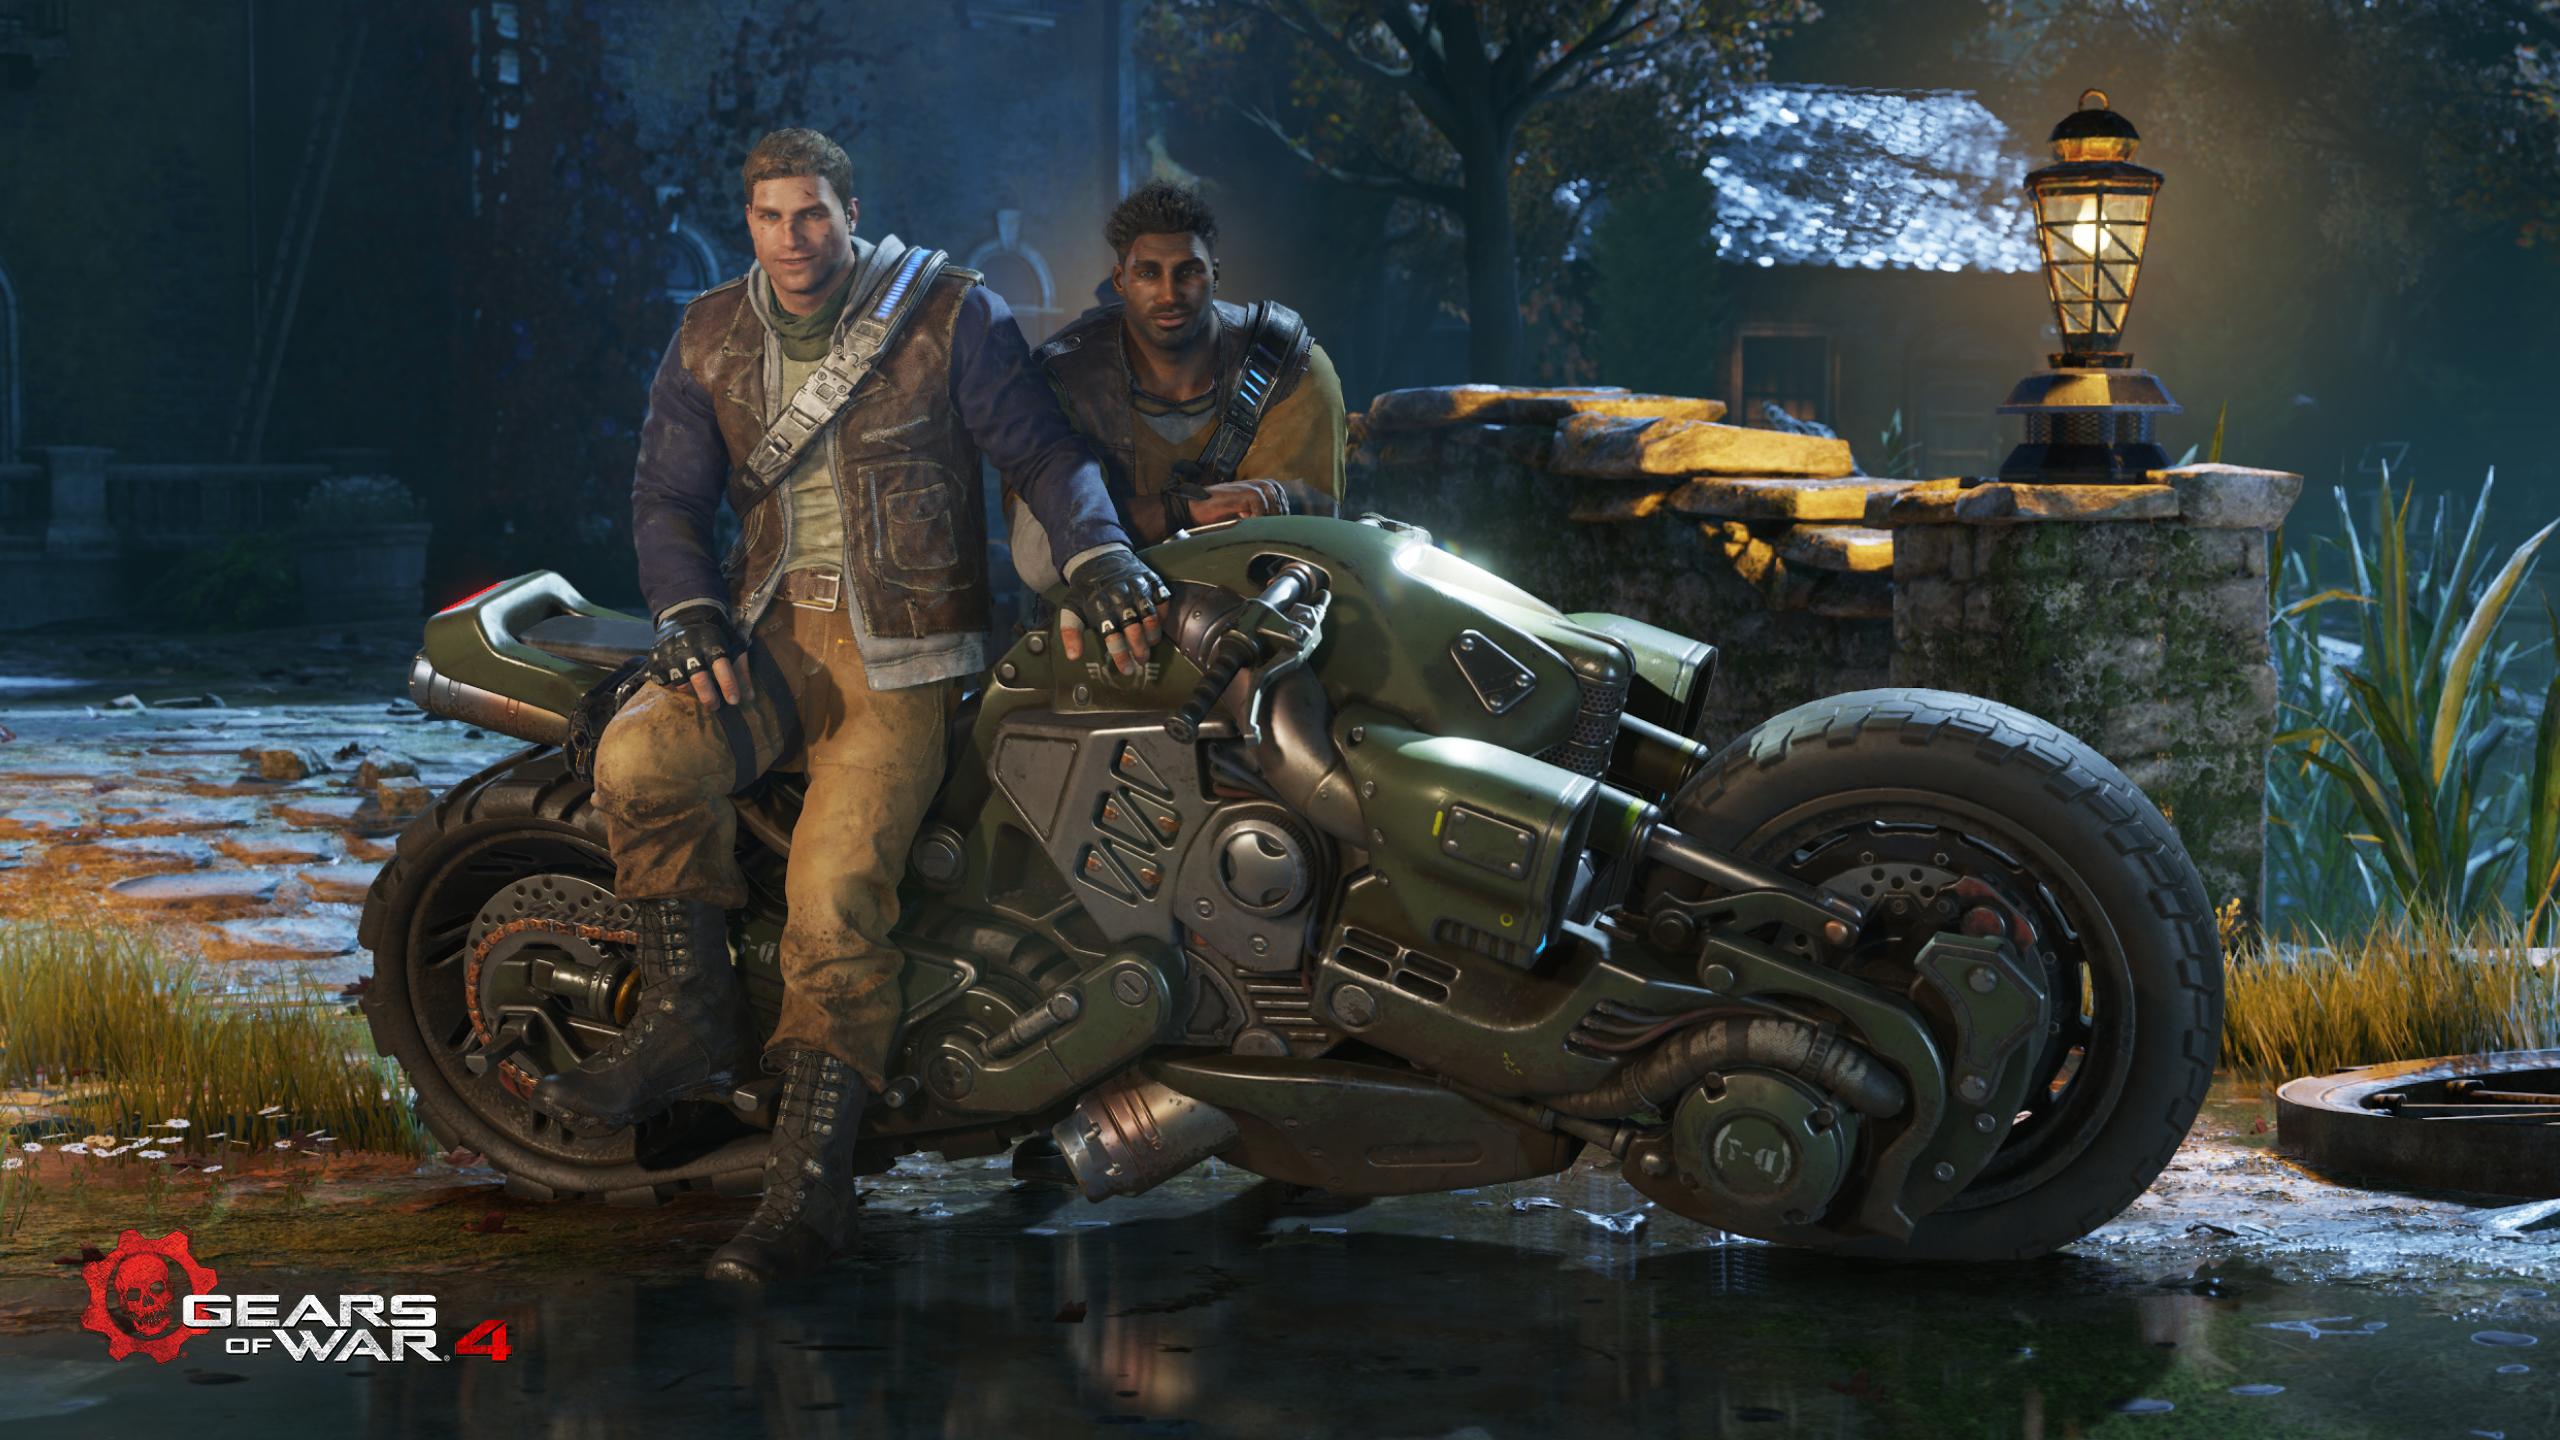 Gears Of War 4 4k - HD Wallpaper